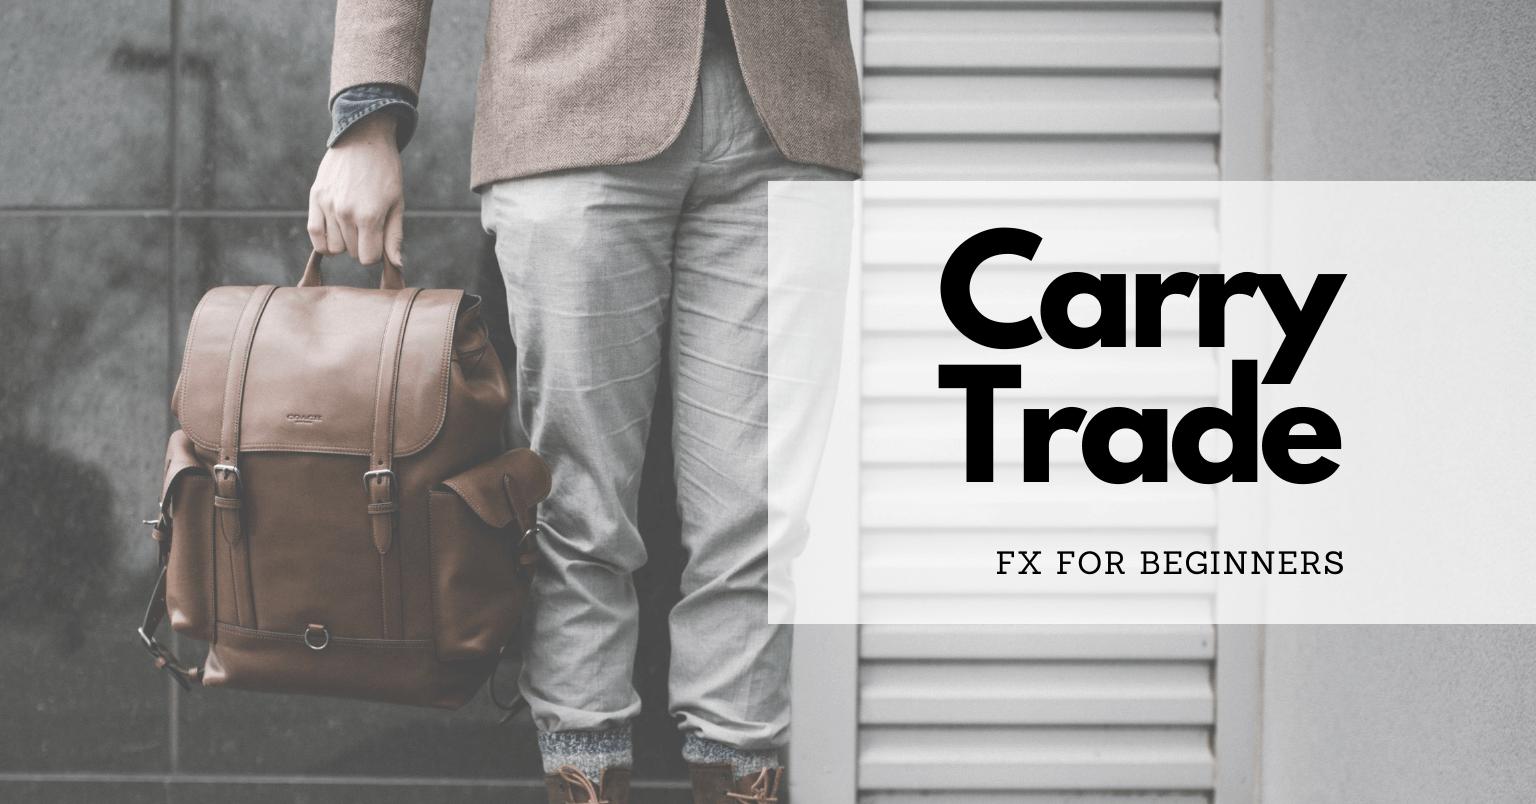 キャリートレード【Carry Trade】とは?